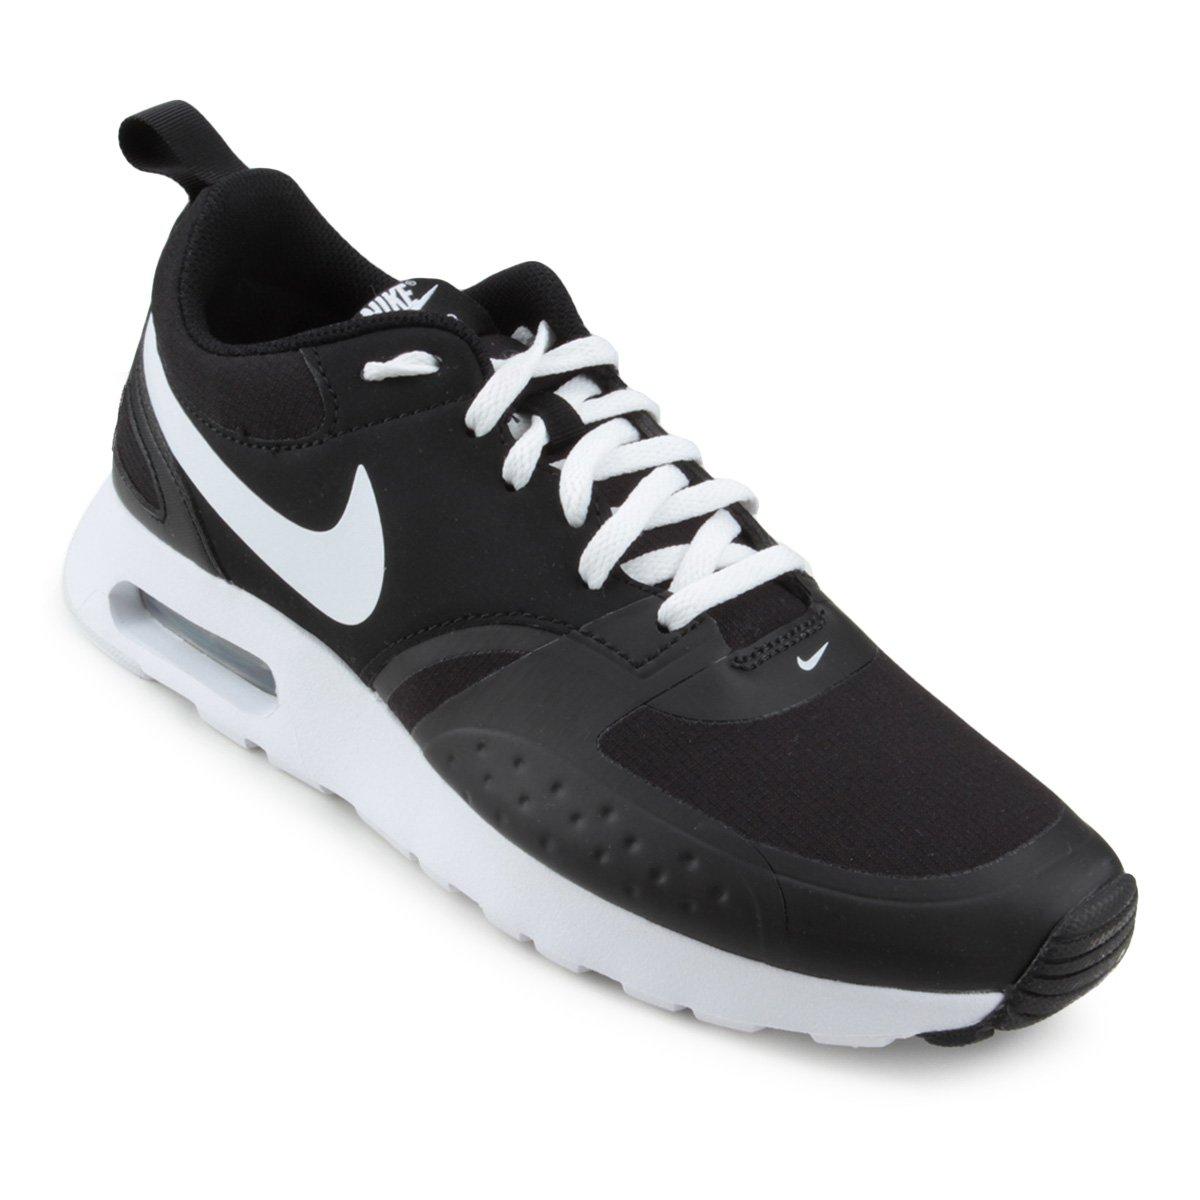 0afba0960a5 Tênis Nike Air Max Vision Masculino - Branco e Preto - Compre Agora ...